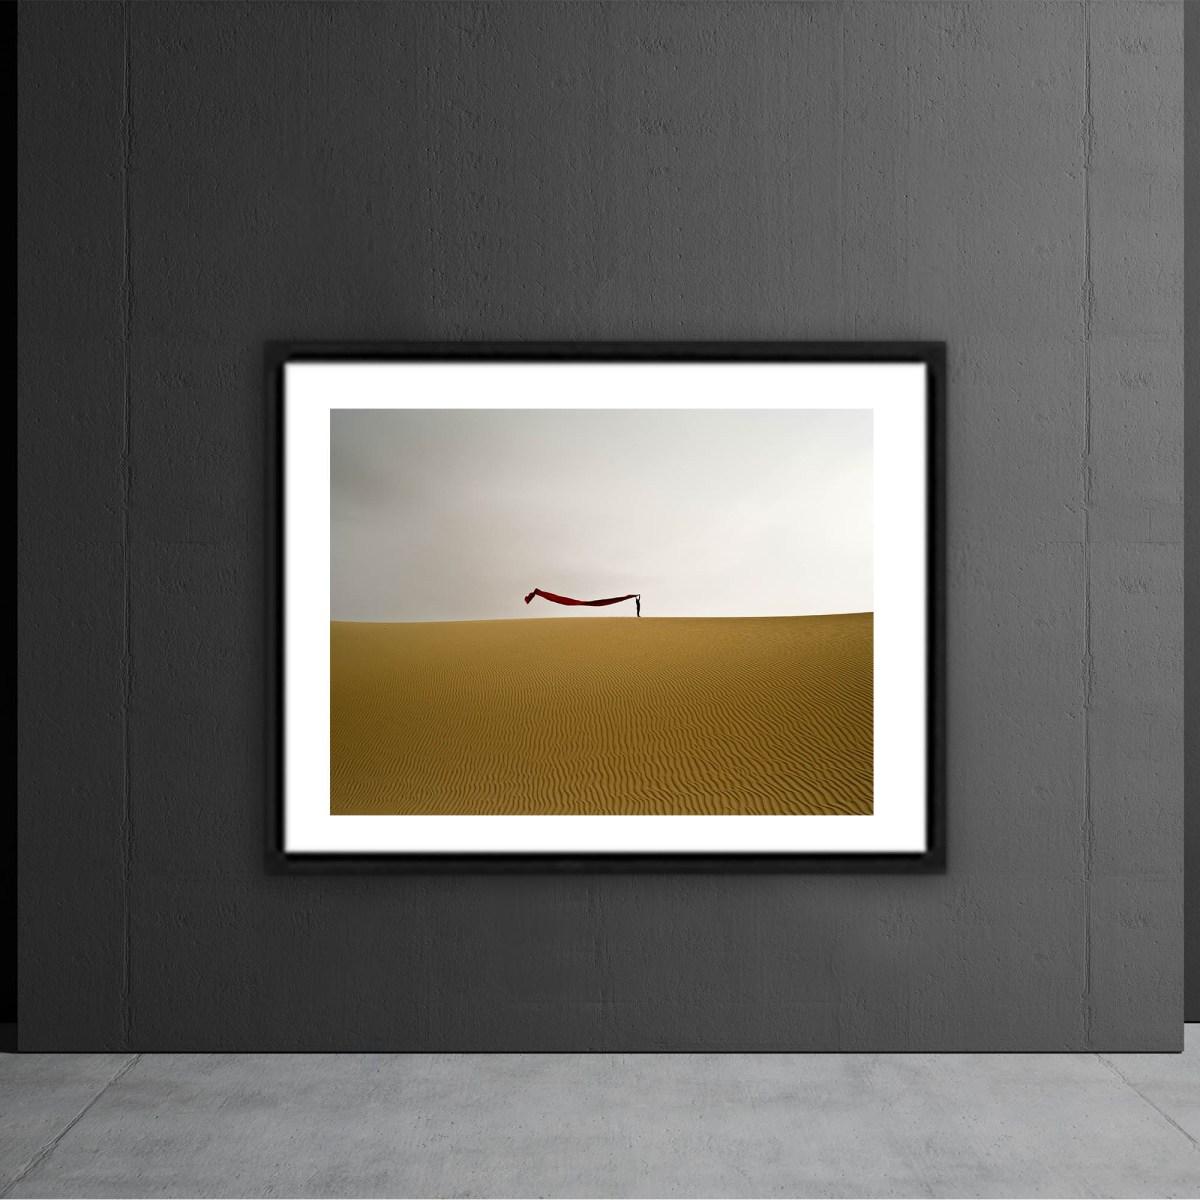 Fotografía del artista Alfredo de Stefano sobre pared gris plomo